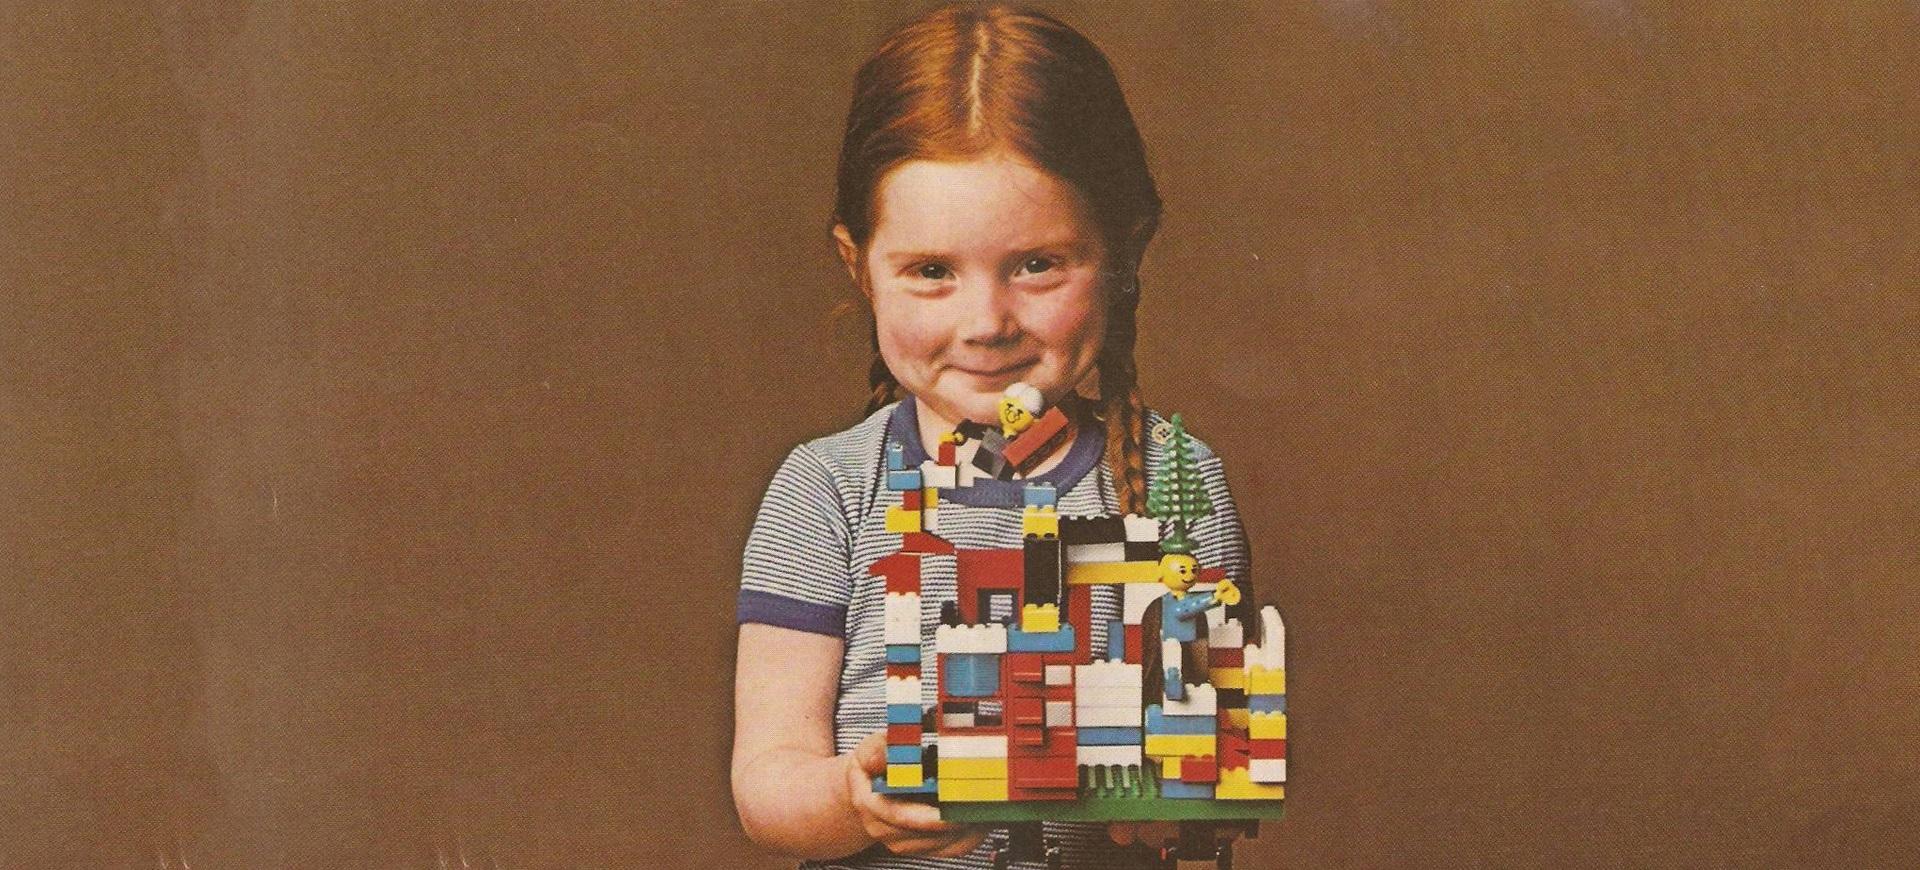 LEGO® elimina gli stereotipi di genere? Facciamo chiarezza